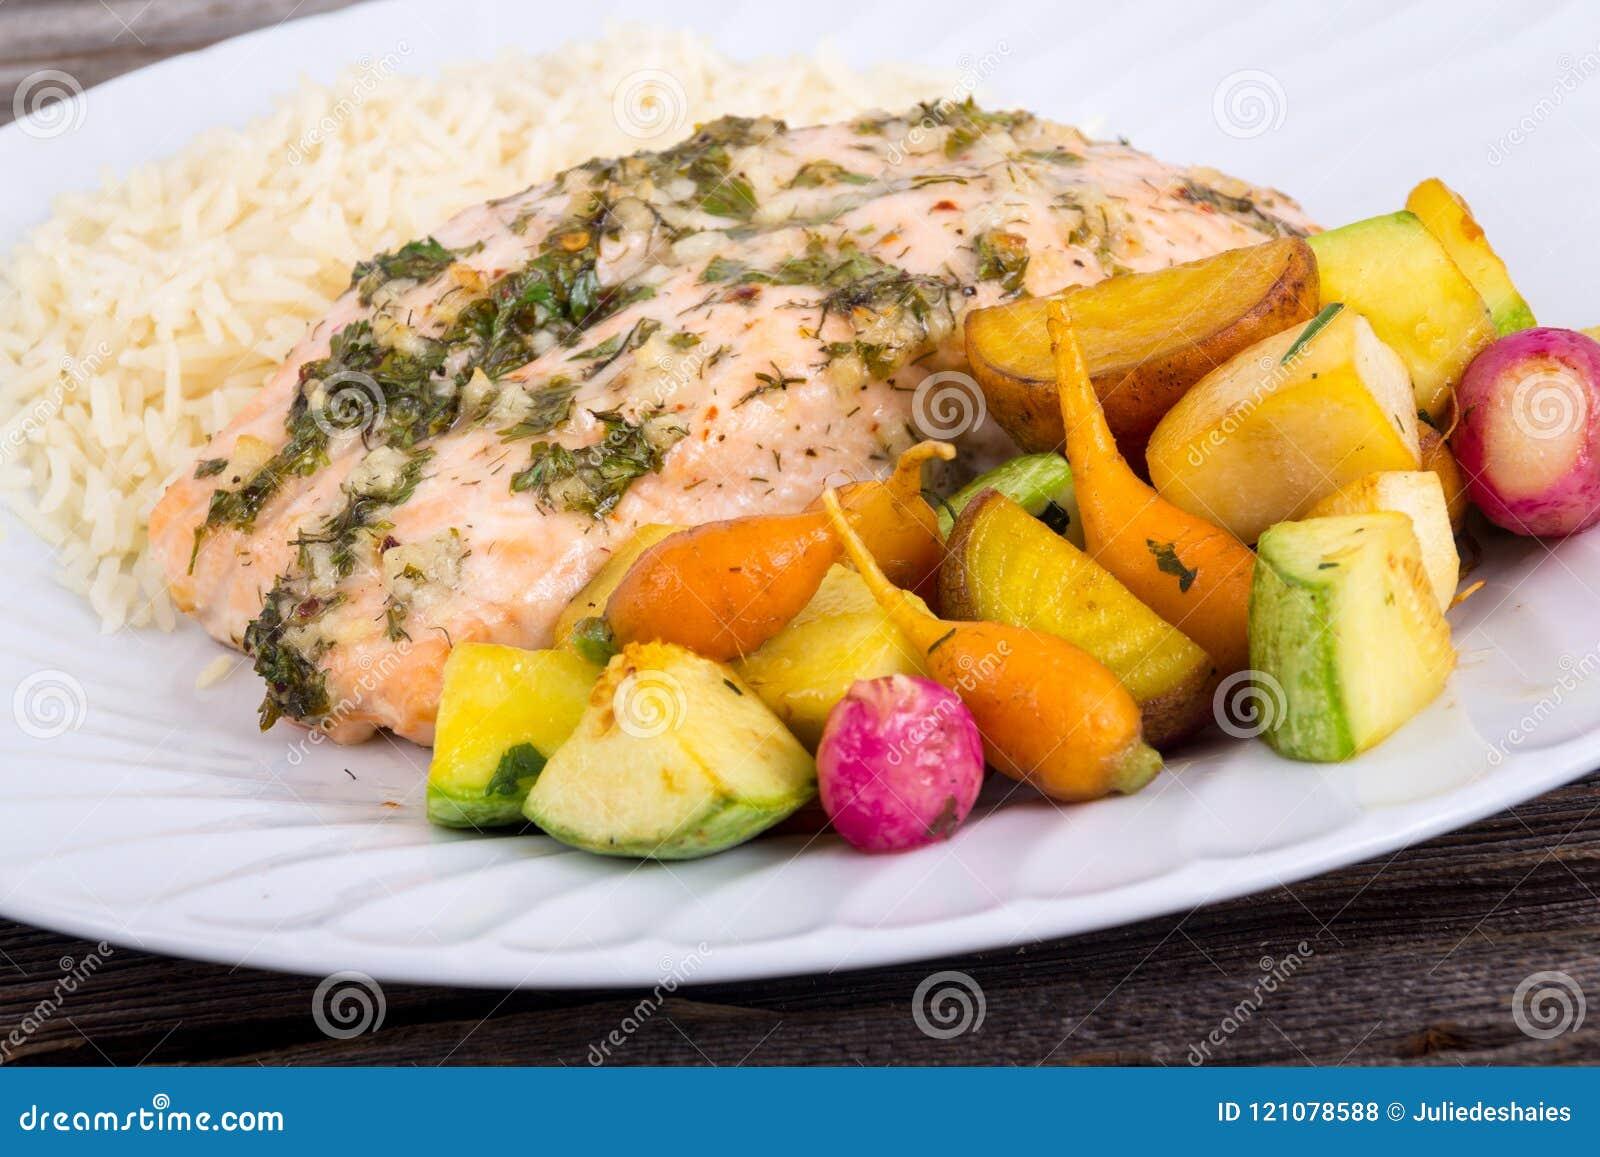 大蒜与小菜的草本三文鱼